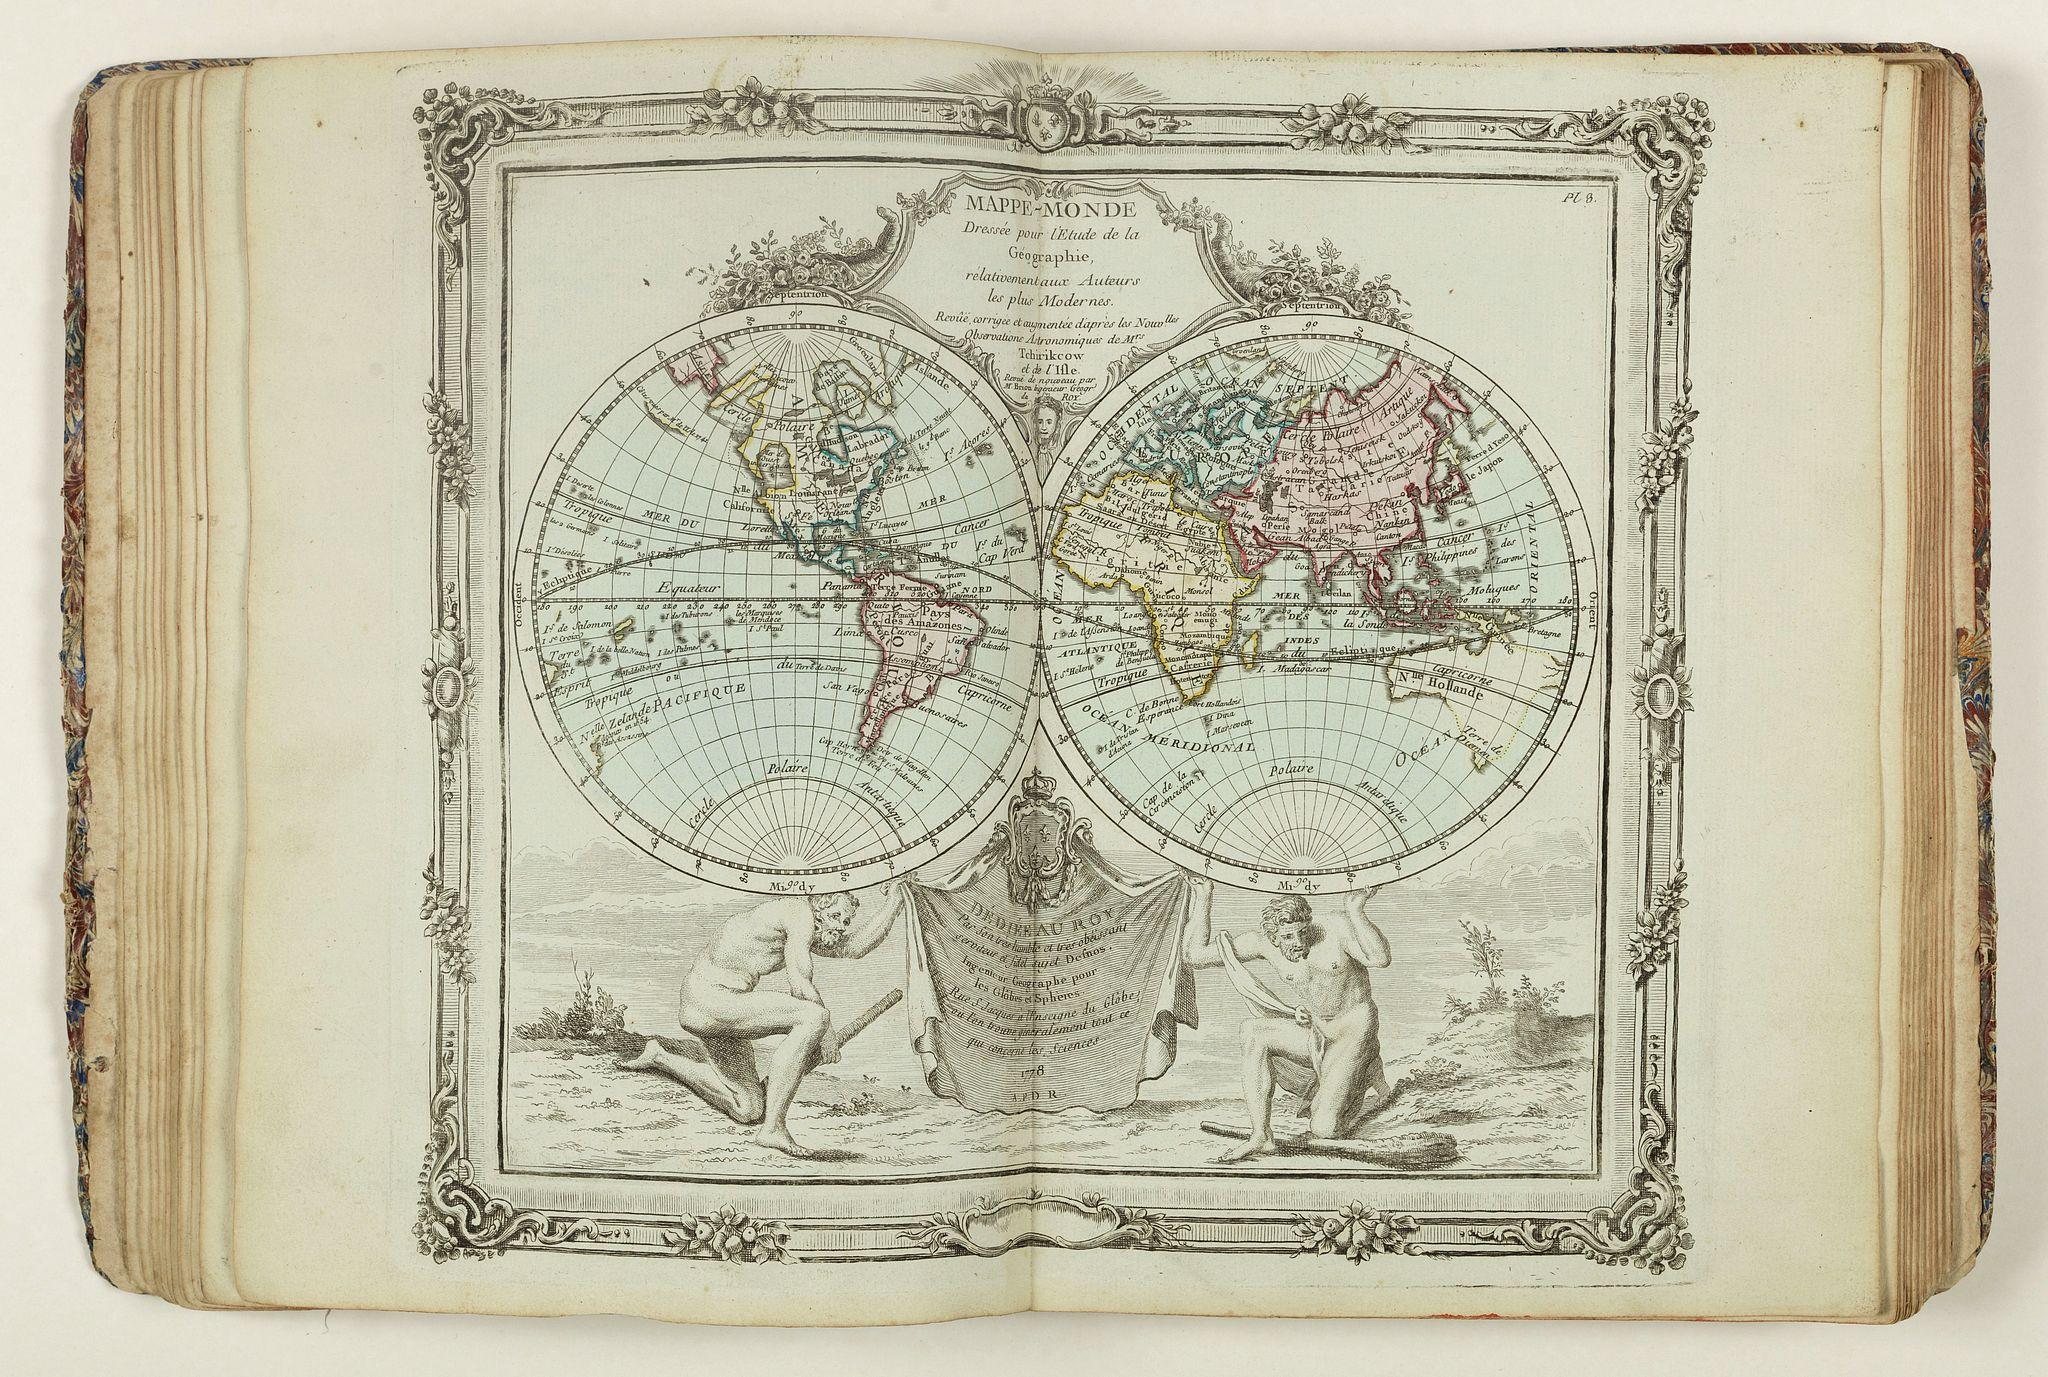 DESNOS, Louis-Charles -  Nouvel Atlas Élémentaire pour l´étude de la Geographie en 28 Cartes générales. Contenant tout ce qui est nécessaire pour la Connoissance Générale du Monde. . .